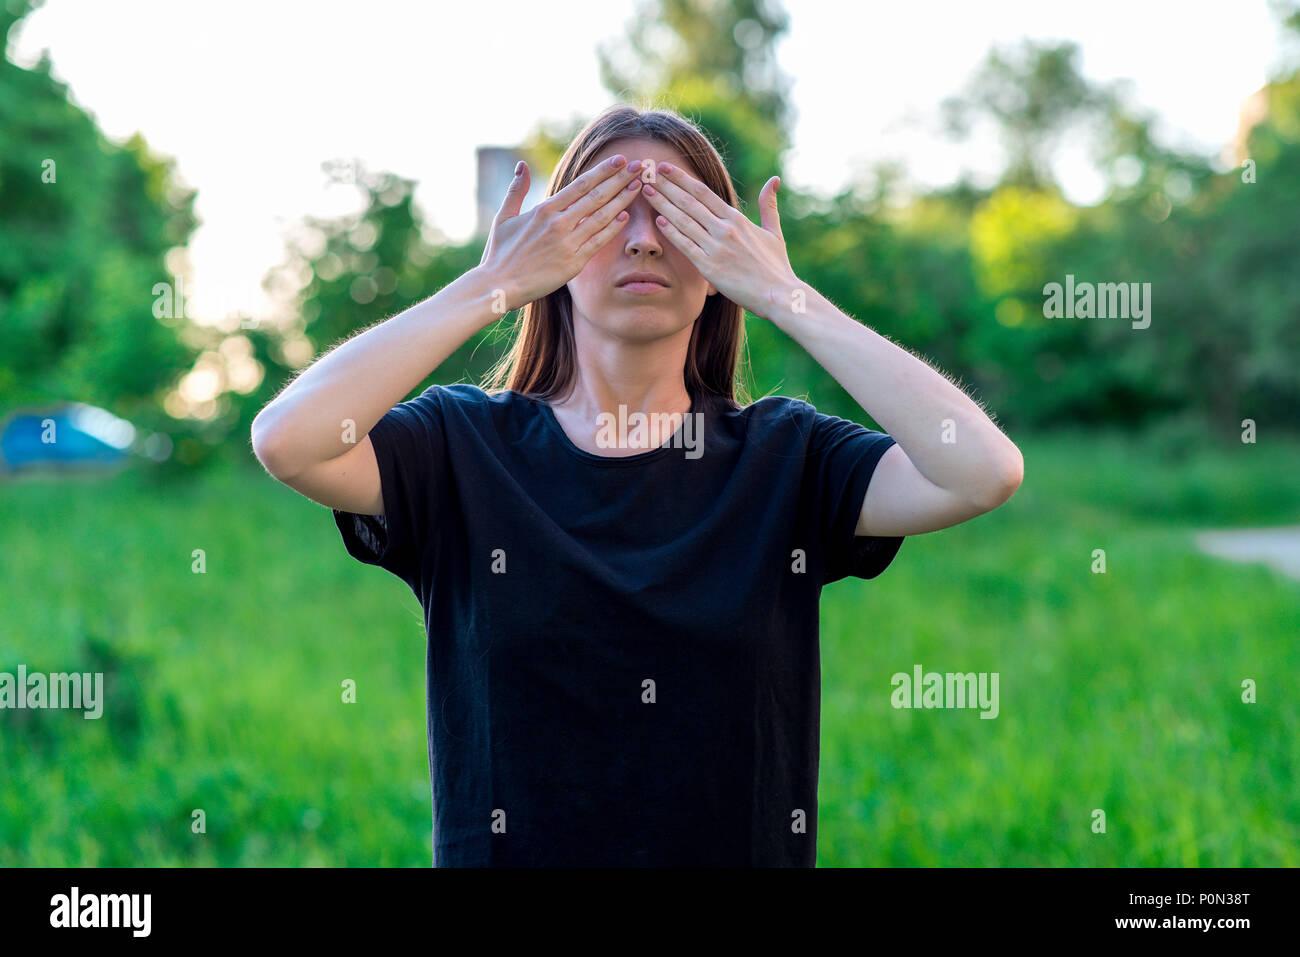 La bruna ragazza in estate in un parco della natura. Gesti delle mani  chiuse gli b552df2bfcf